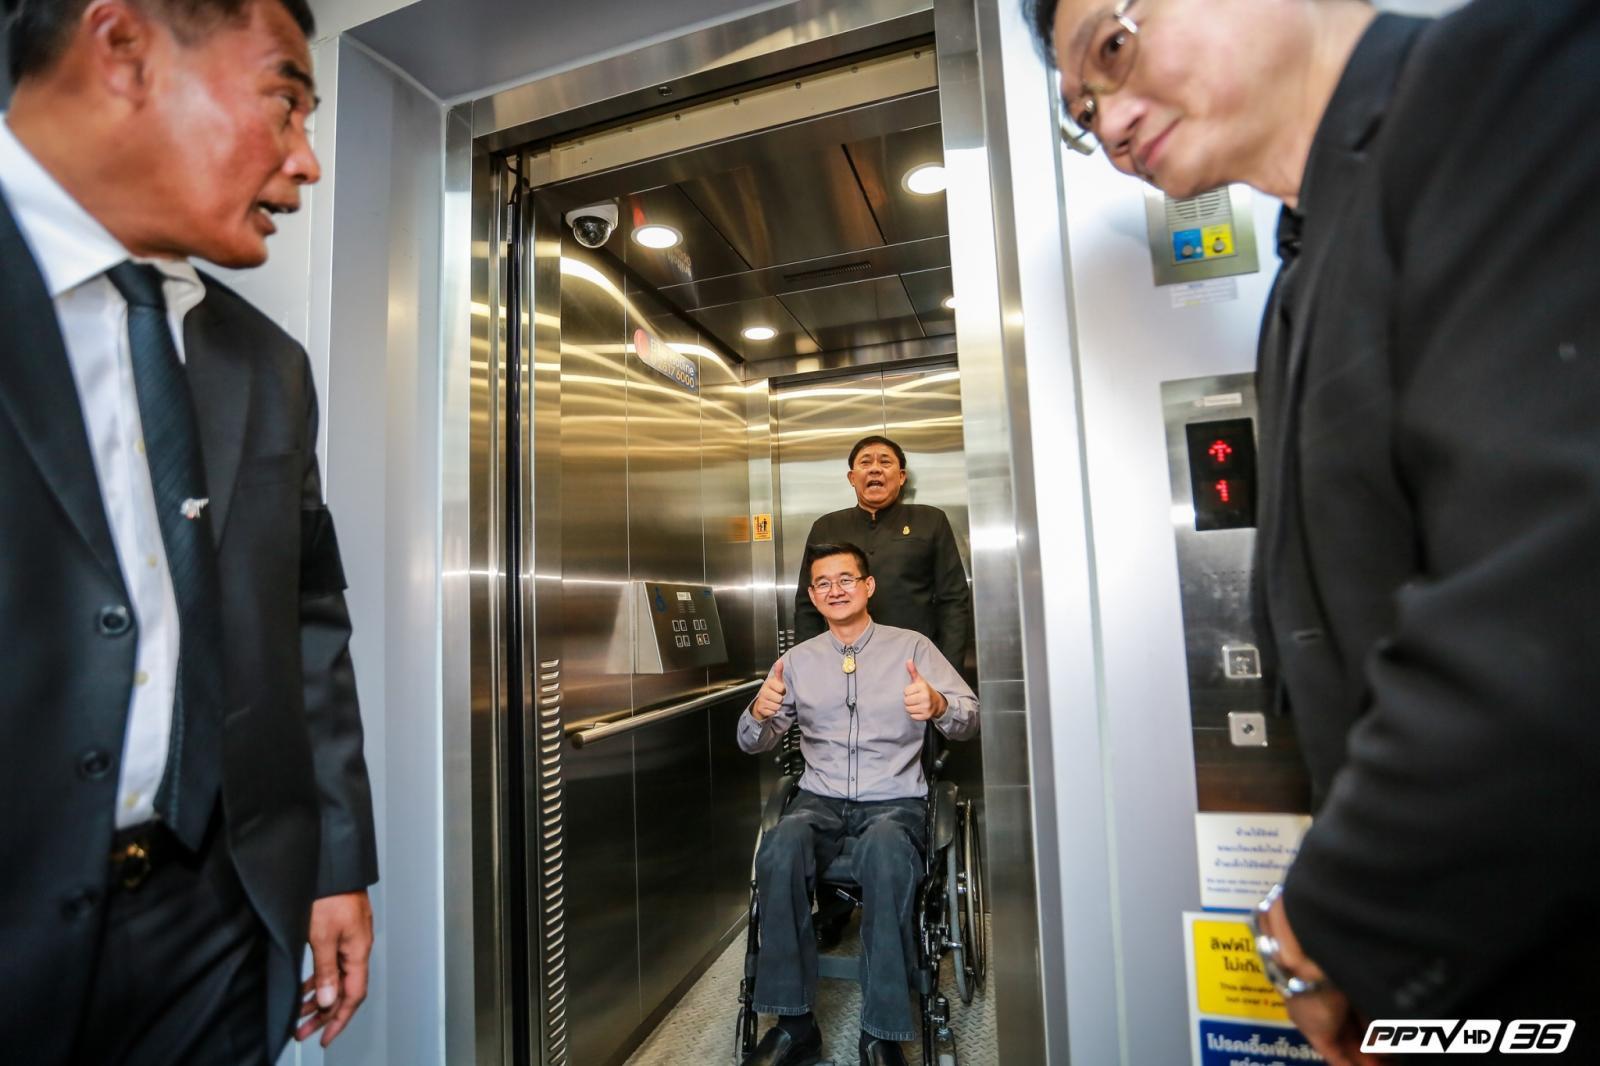 ผู้ว่าฯ กทม. เปิดใช้งานลิฟต์คนพิการบนบีทีเอส 4สถานี วันนี้